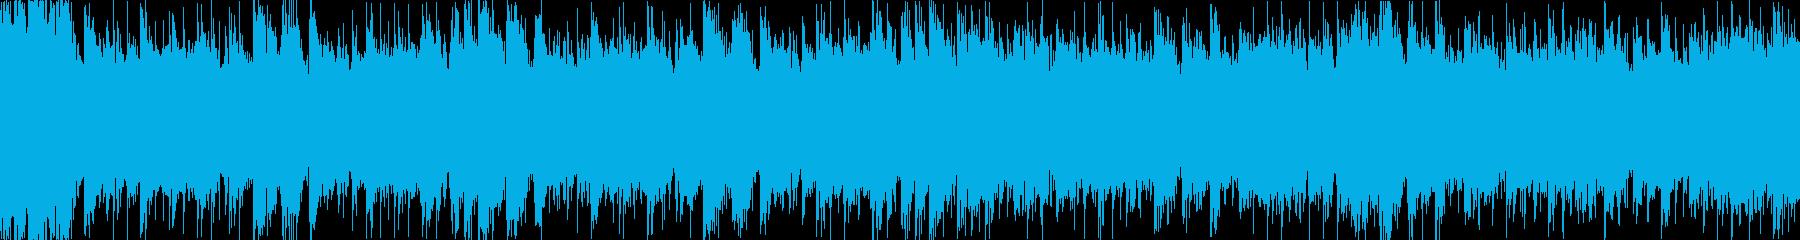 ドタバタだけどキラキラ楽しくなるループaの再生済みの波形